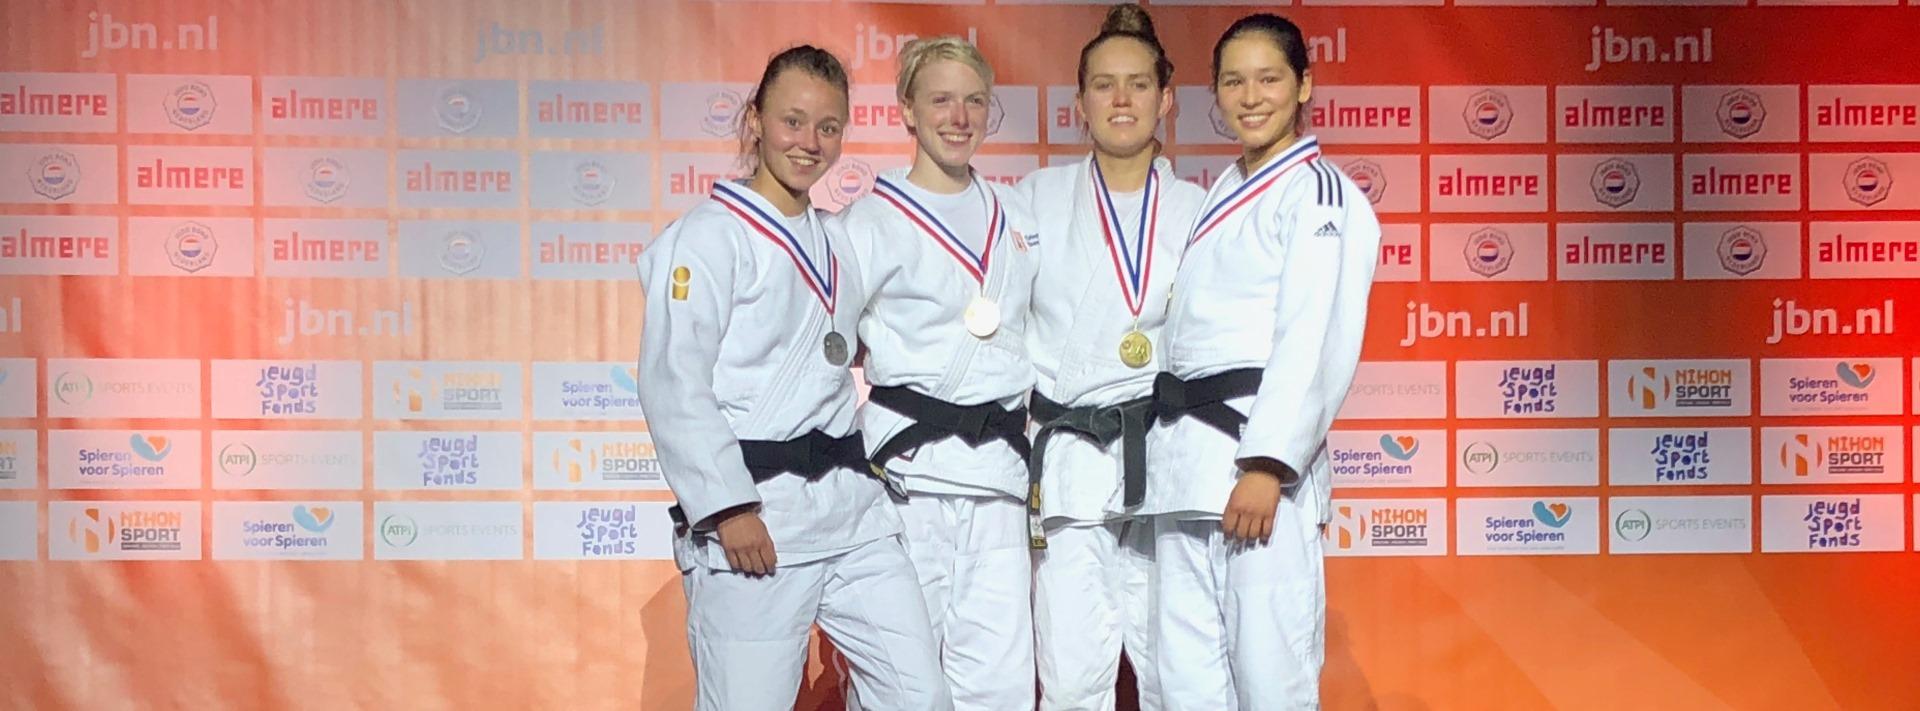 NK Judo 2018 Ilse Buren zilver